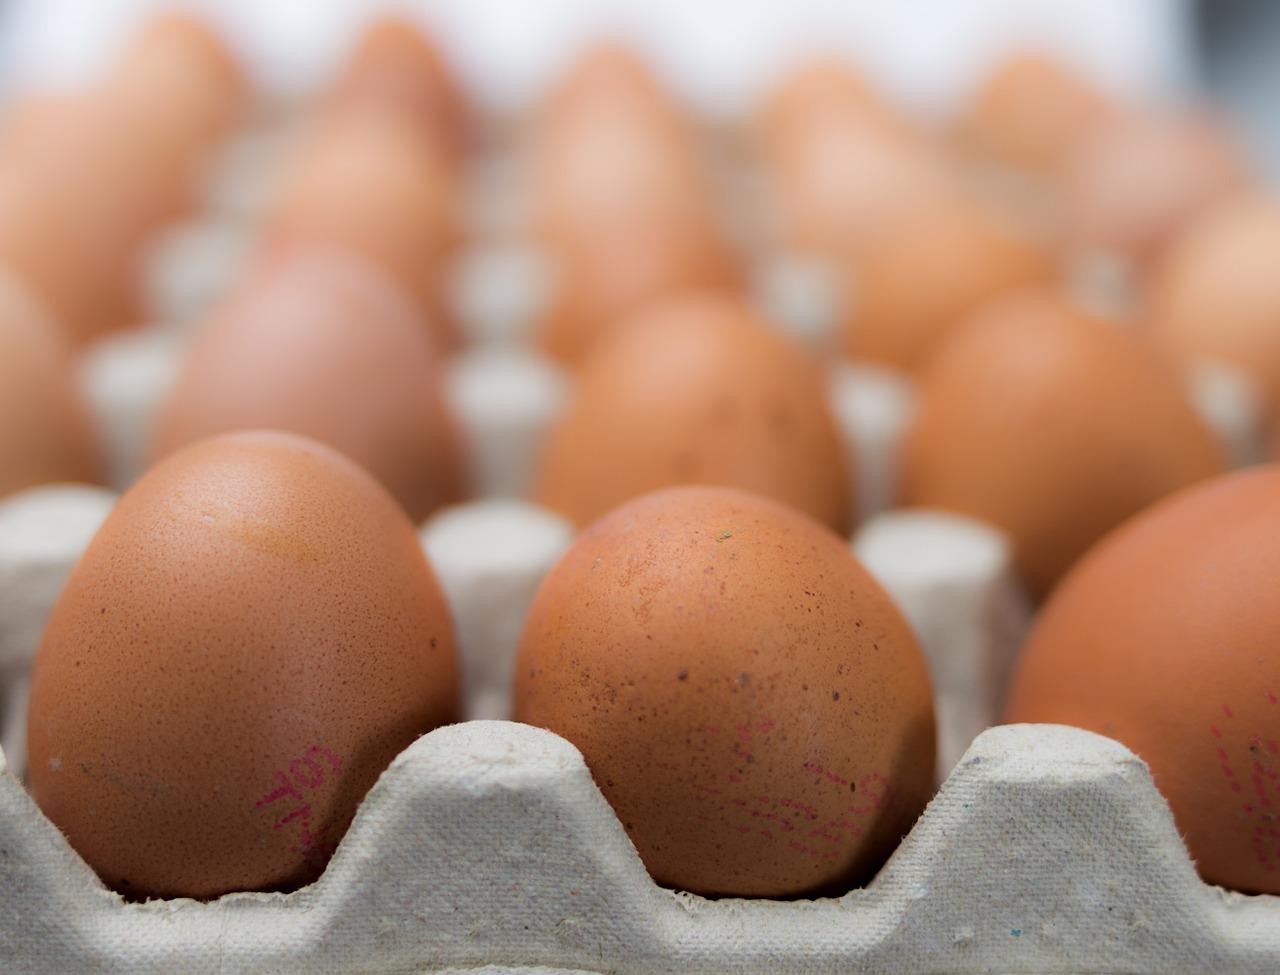 STATT Ei - Achtung, in Fertigprodukten sind meist Eier aus Qualhaltung